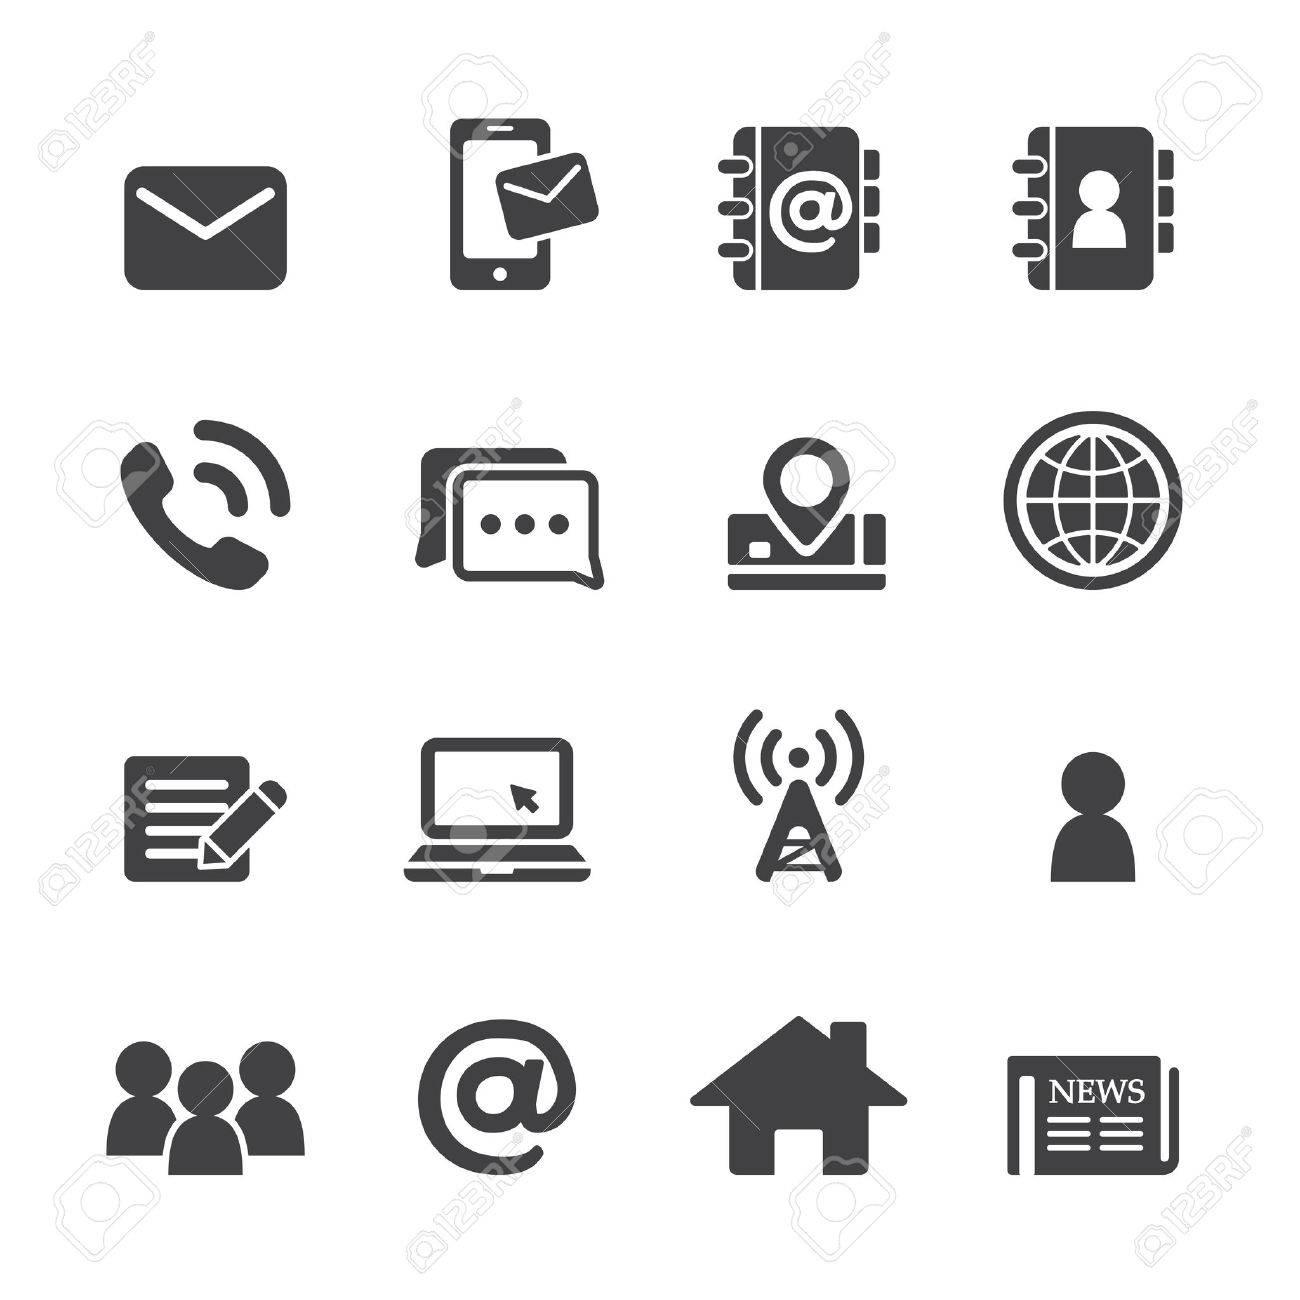 contact icon set - 47154501